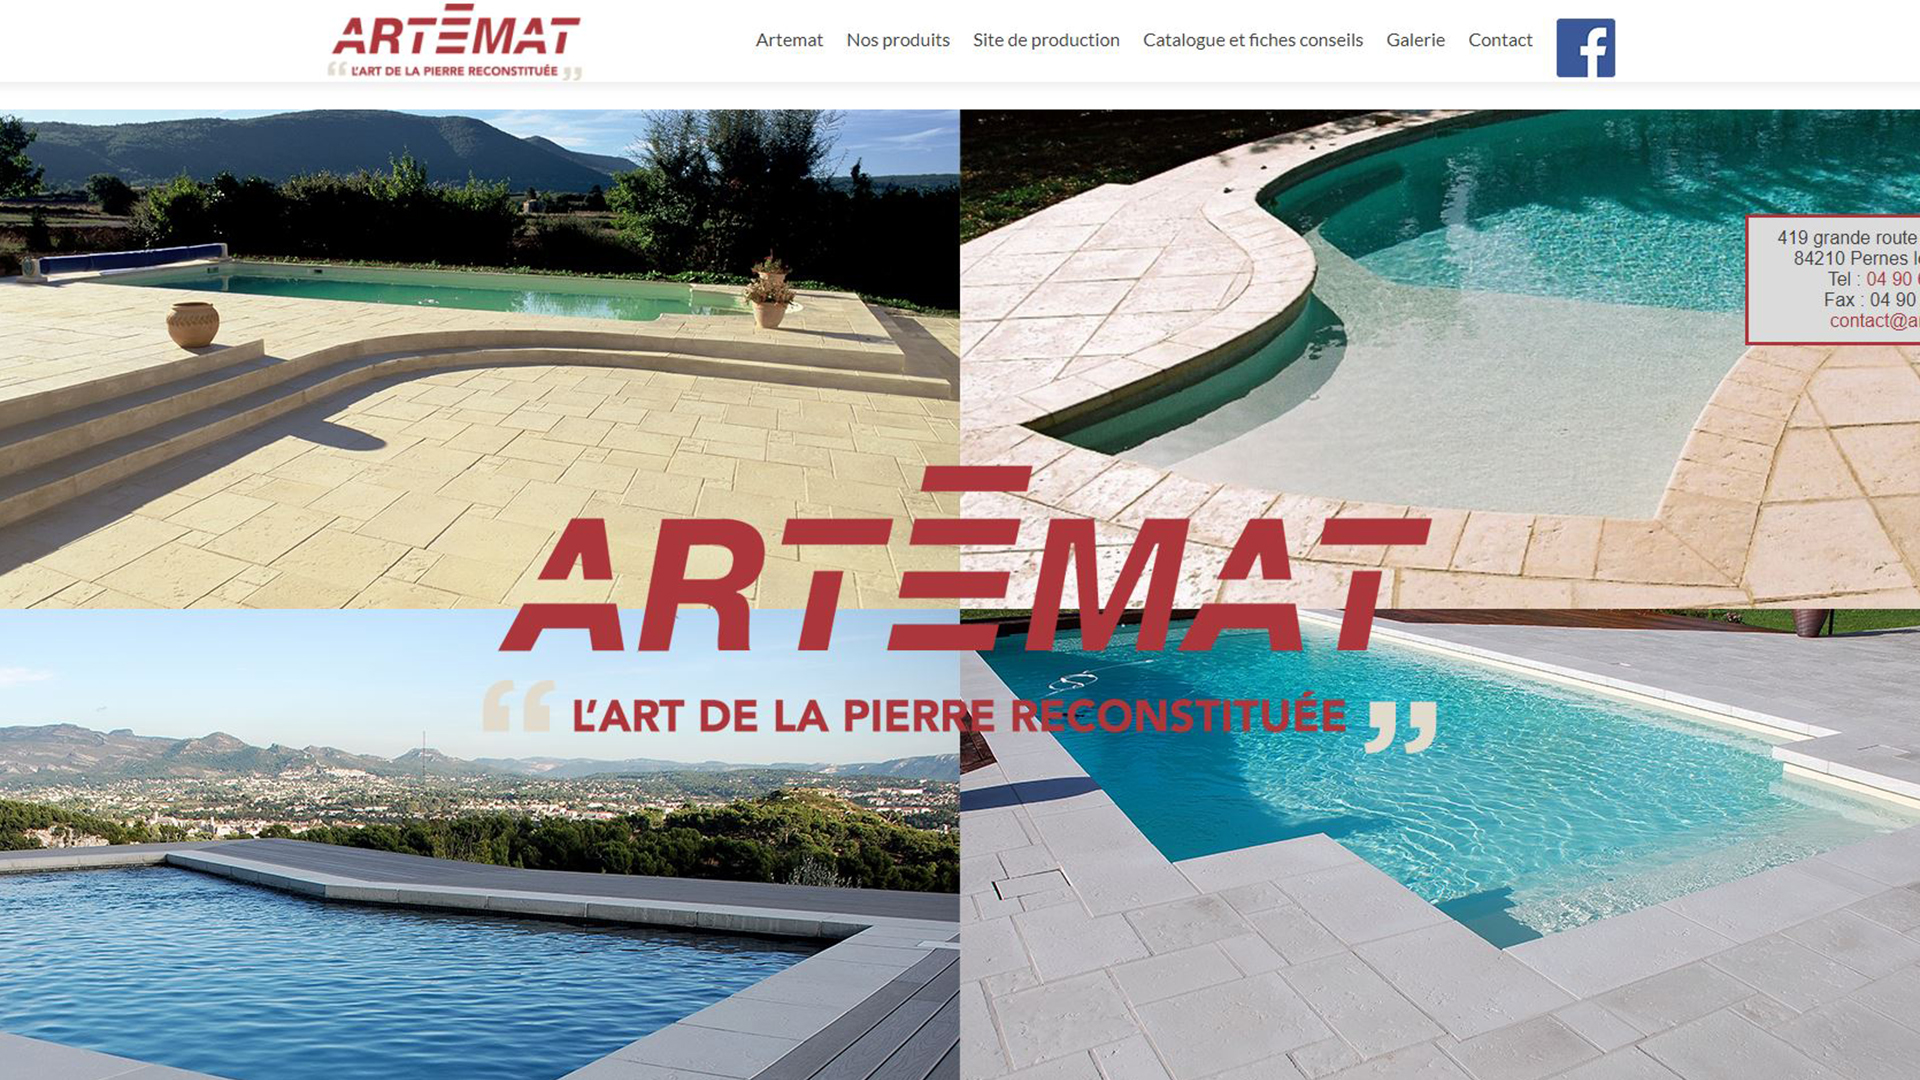 toiture Herault-renovation de toiture a Castries-zinguerie a Montpellier- charpente a Lunel-isolation de toiture dans l'Herault-etancheite de toiture a Mauguio-reparation de toiture Herault-couvreur-zingueur La Boissiere